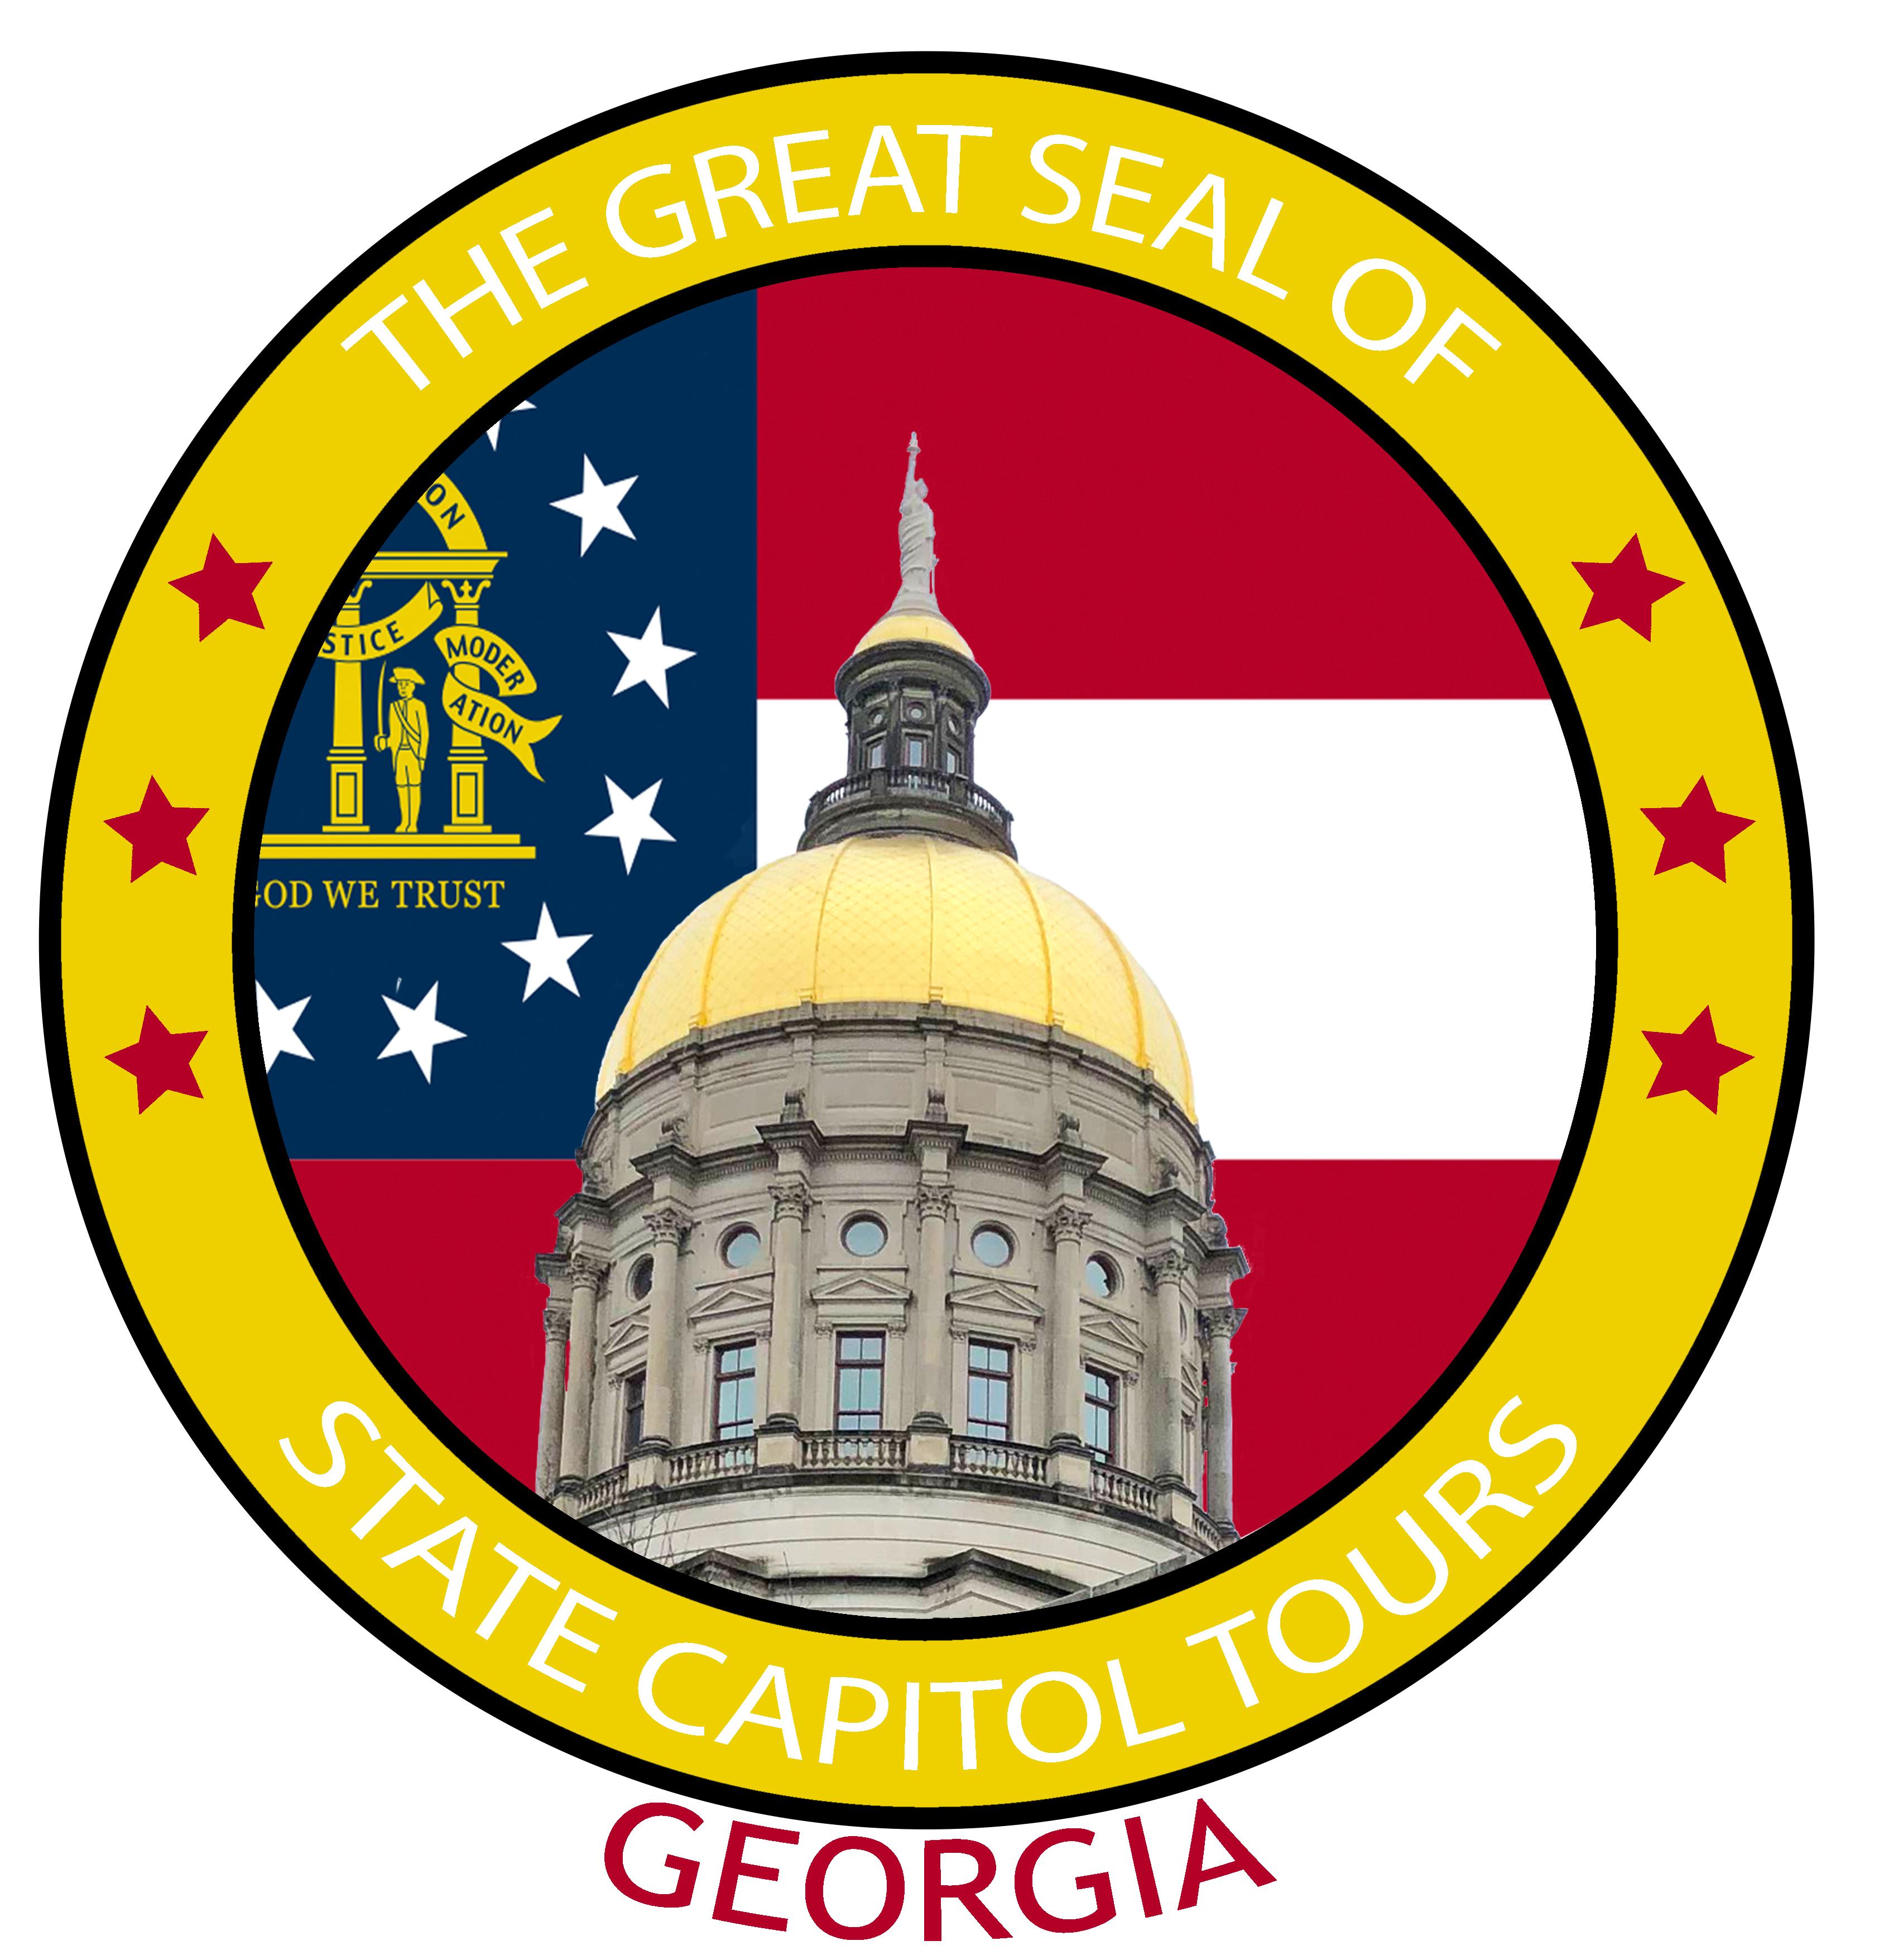 StateCapitalTours_Georgia (1)